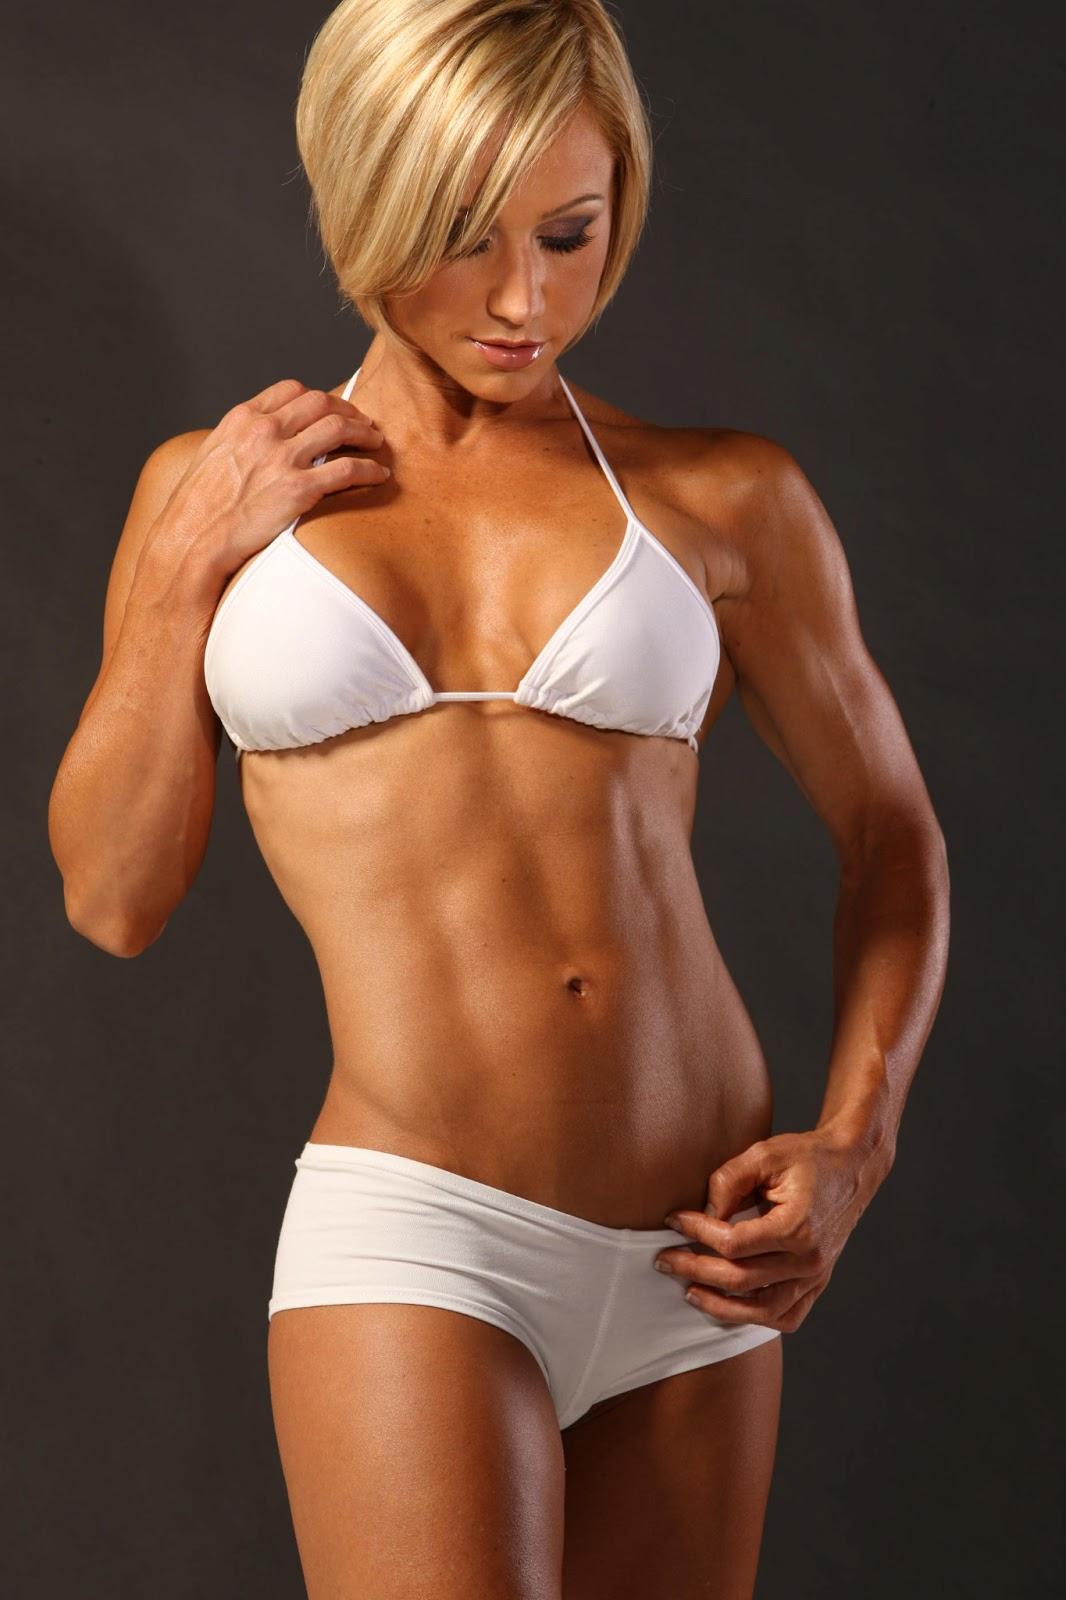 Fitness Model Body Fat 100